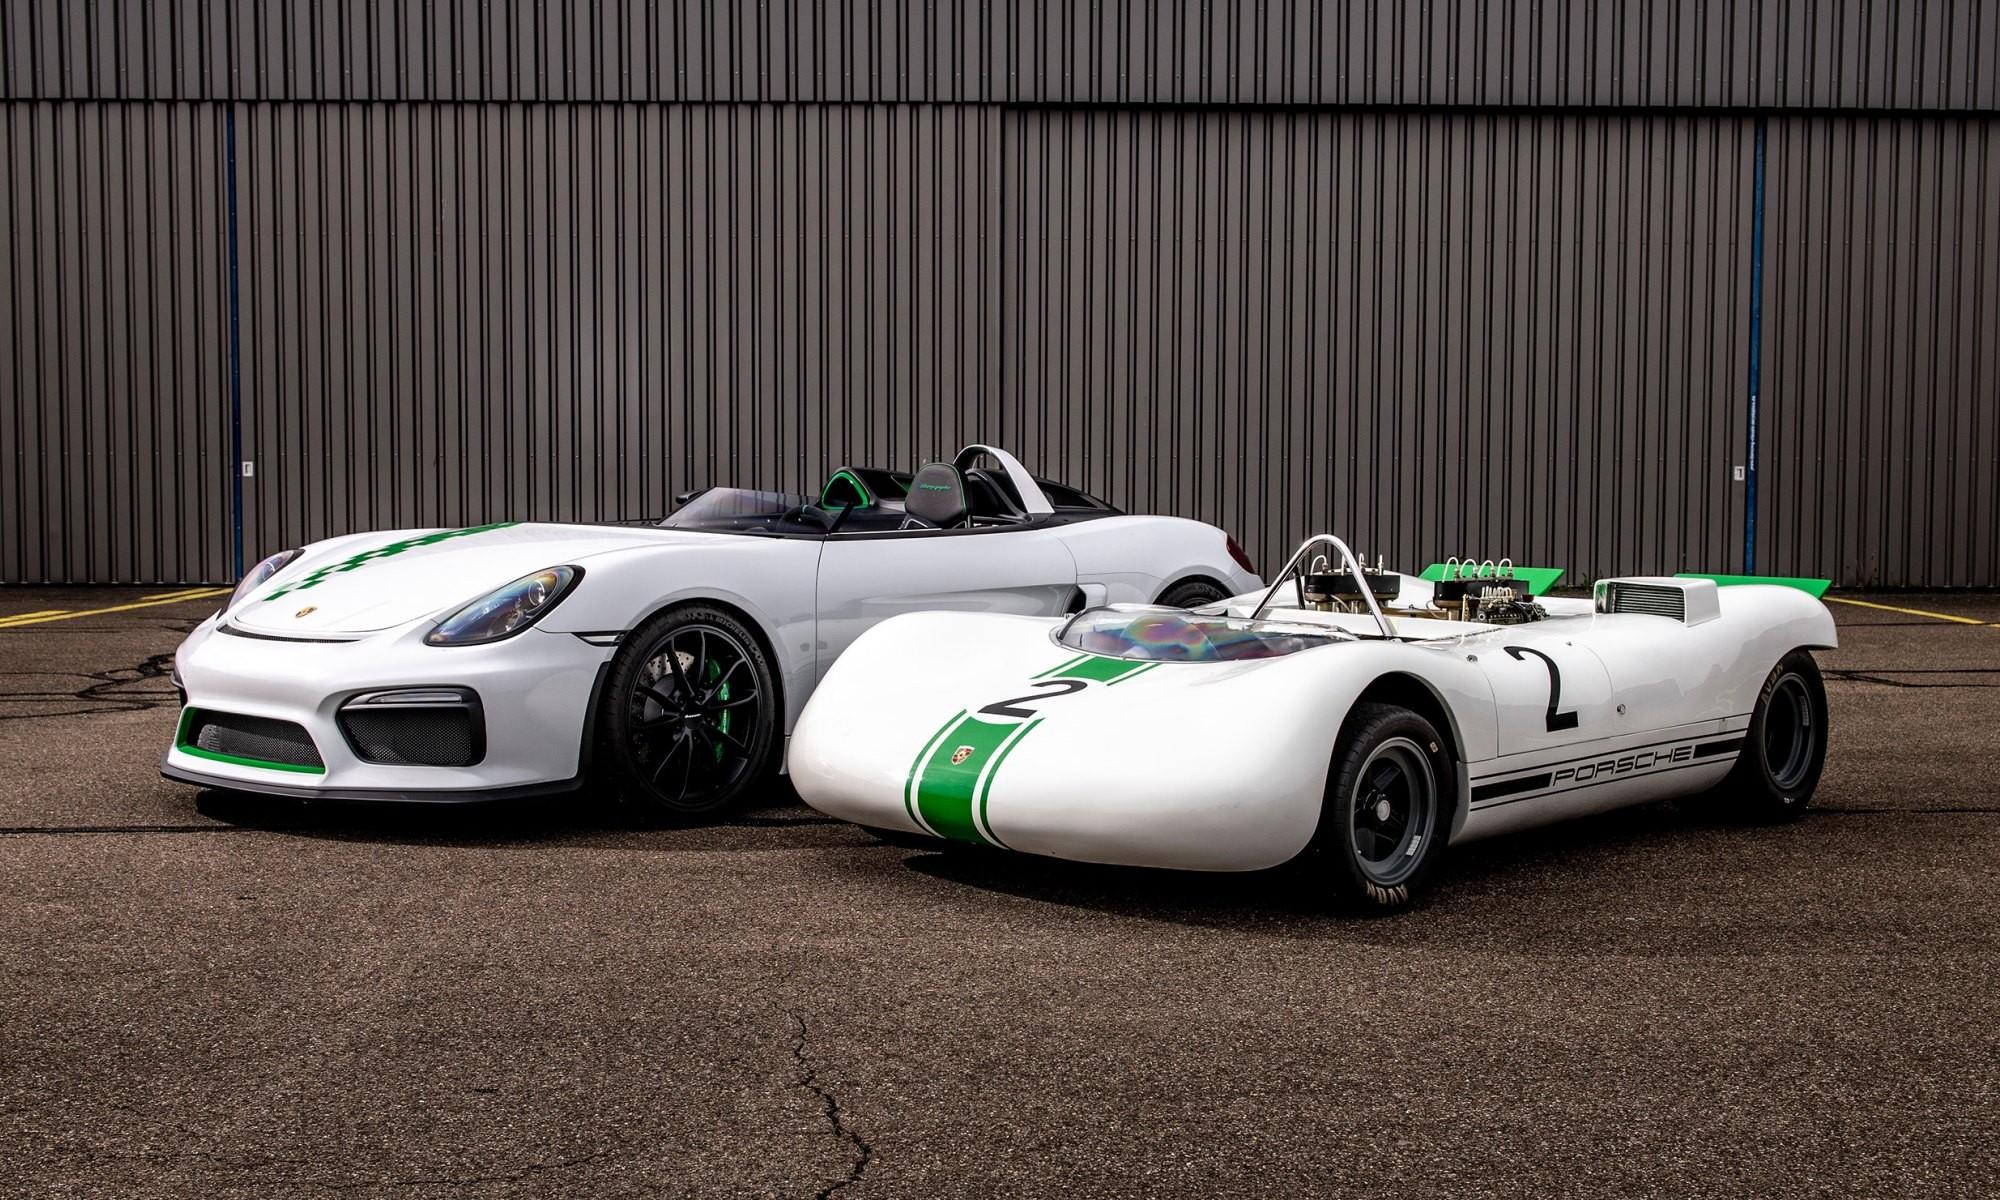 Porsche 981 Bergspyder and 909 side